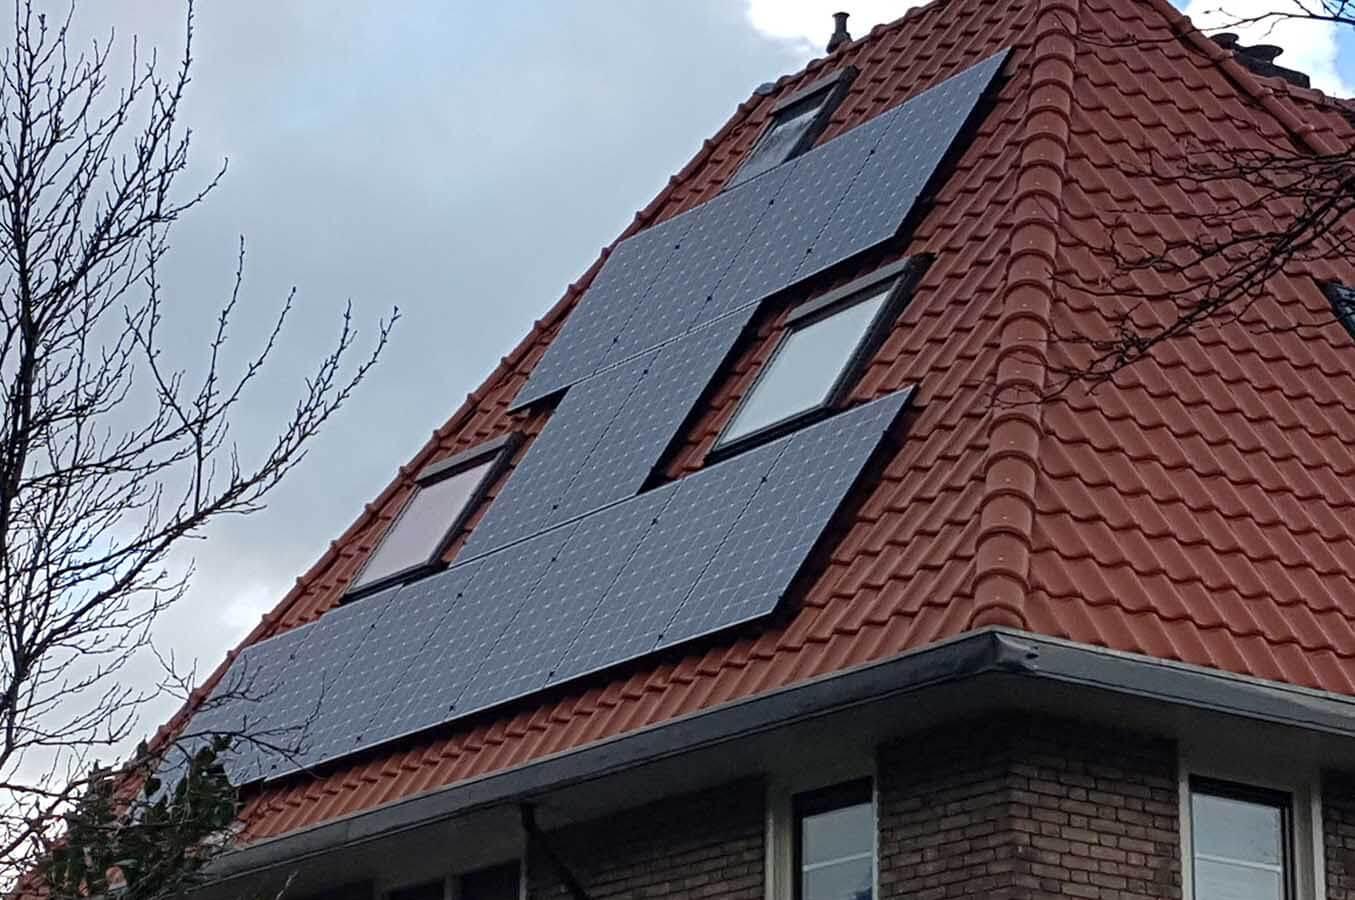 1355x900 - Groendaken en zonnepanelen - _0005_20170223_135937